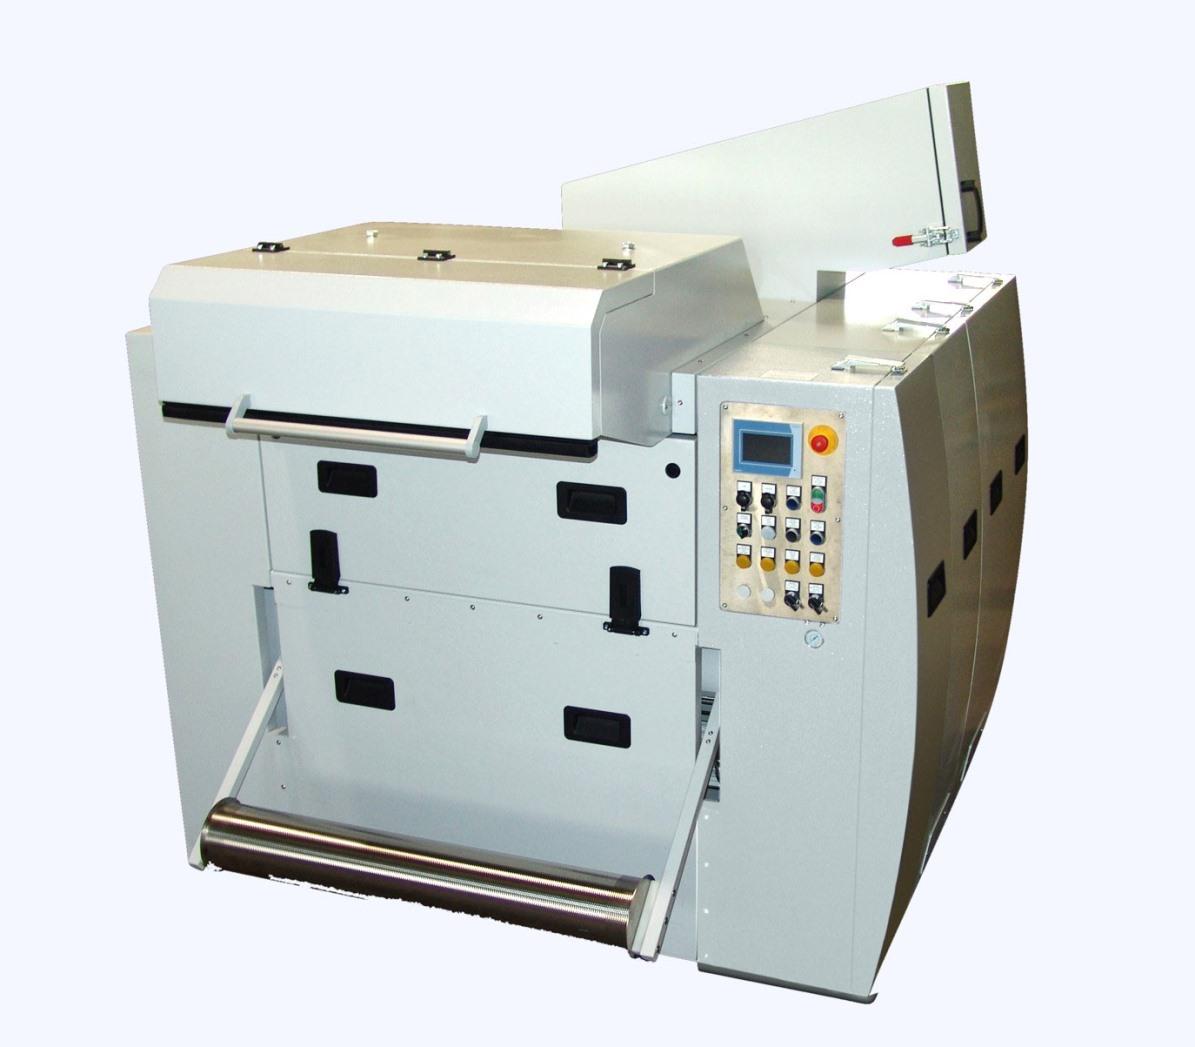 Die schallgedämmte Einzugsmühle RS 30090-E ist für den Einsatz in der Thermoforming-Produktion prädestiniert. Sie ist auf der K 2019 in Halle 3 in Betrieb zu sehen. (Bild: Getecha)